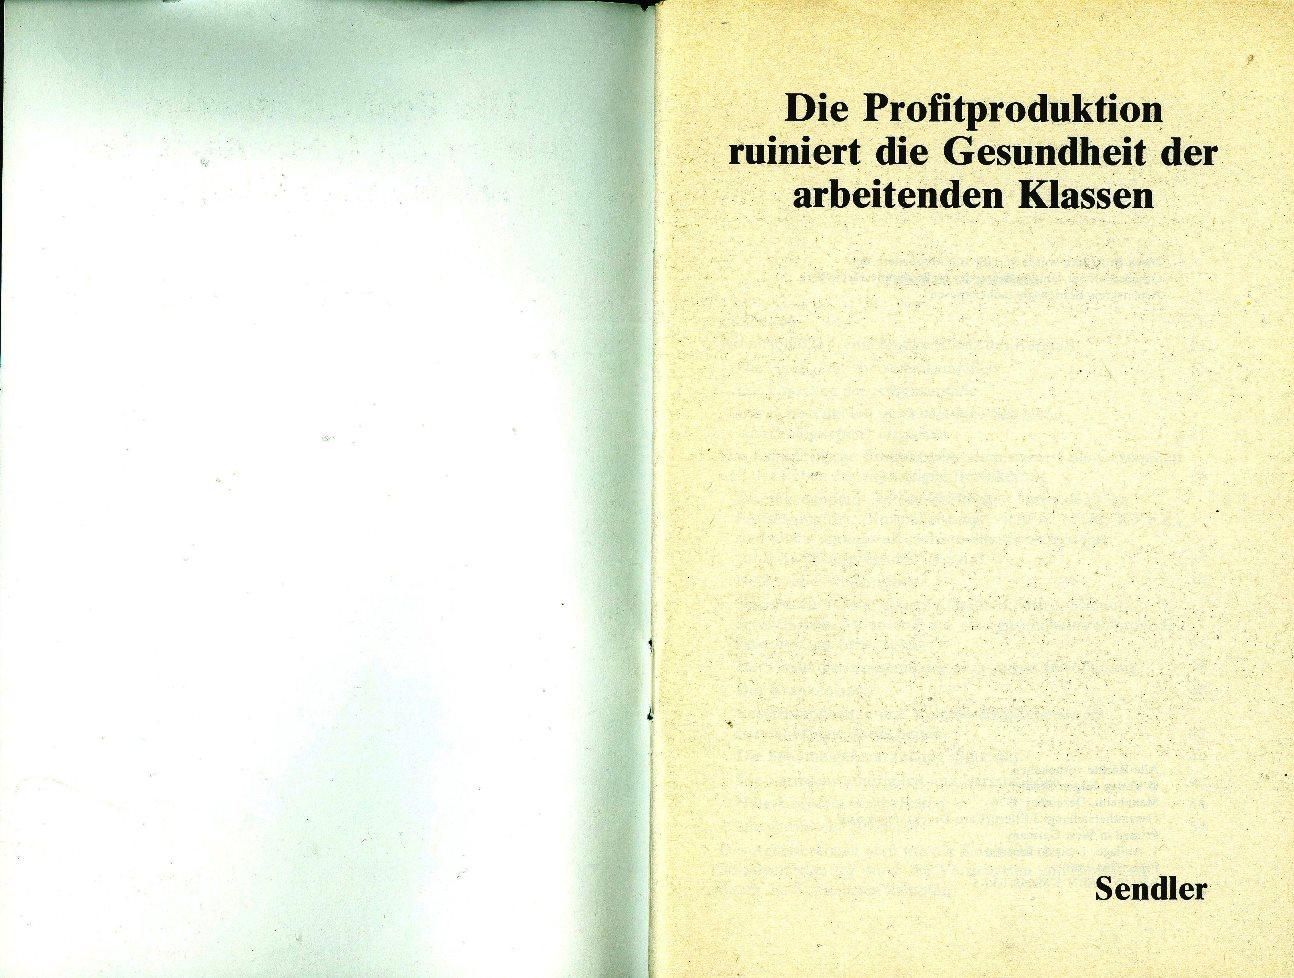 Heidelberg_GUV075